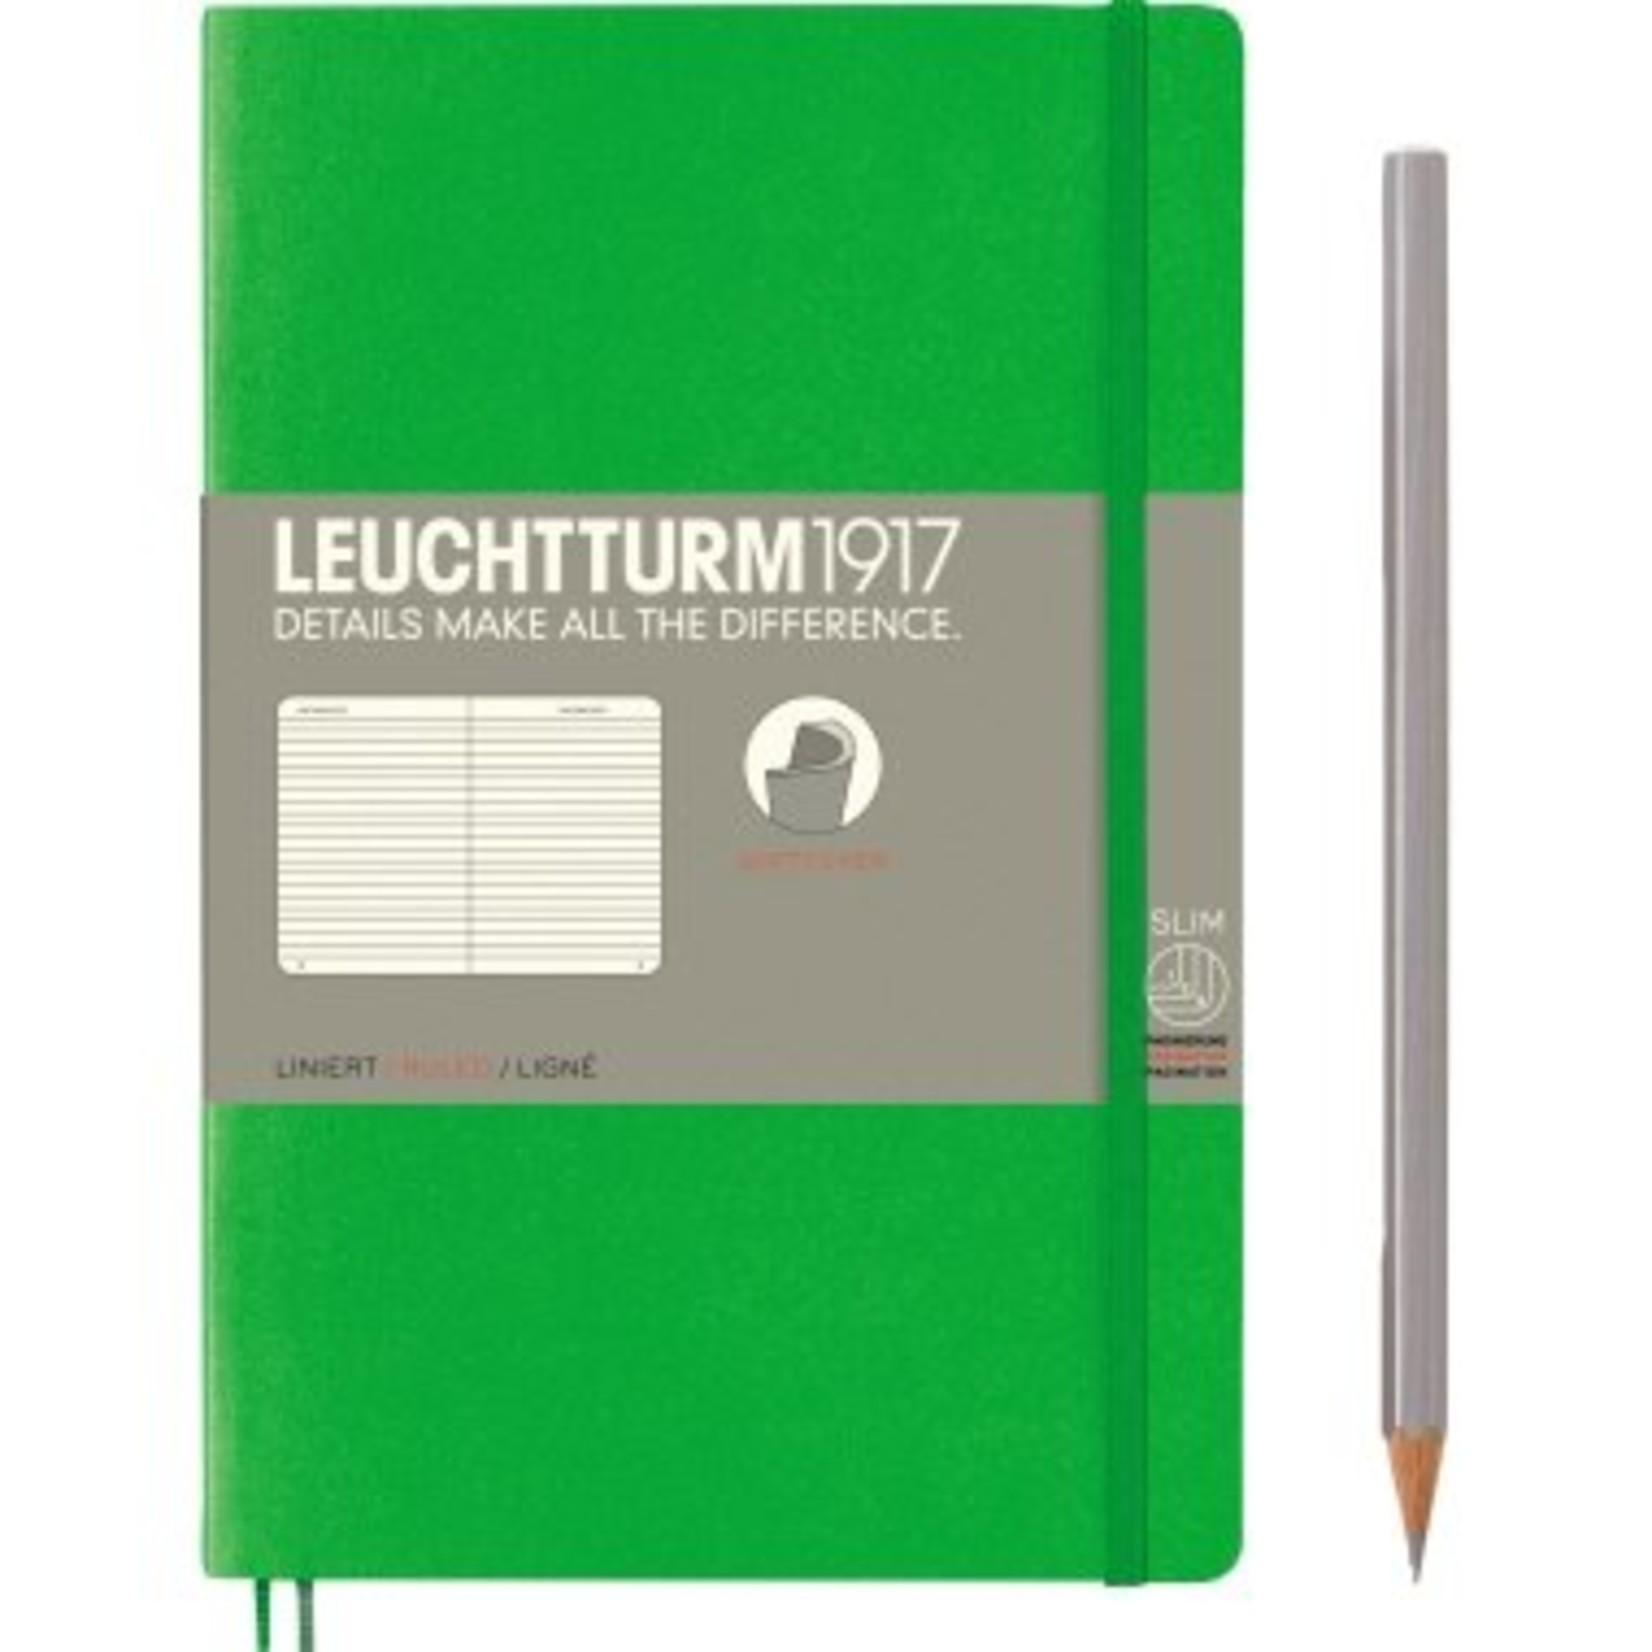 Leuchtturm1917 LT NB B6 SC Paperback Fresh Green Liniert